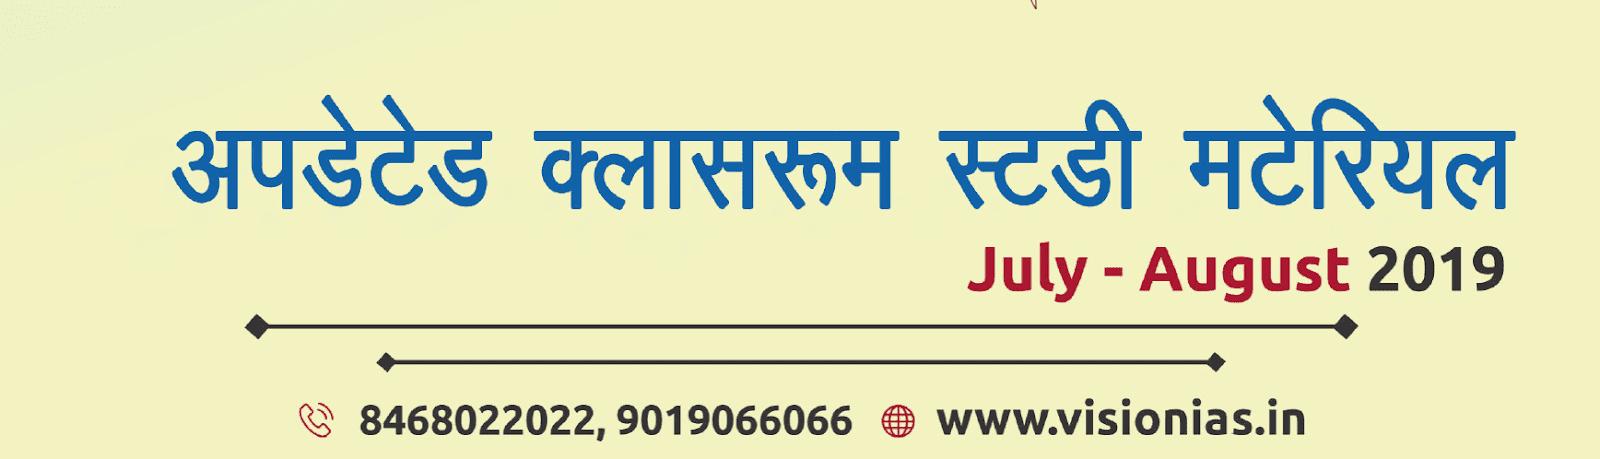 Vision IAS अपडेटेड क्लासरूम स्टडी मटीरियल जुलाई अगस्त 2019 365 Mains 2019